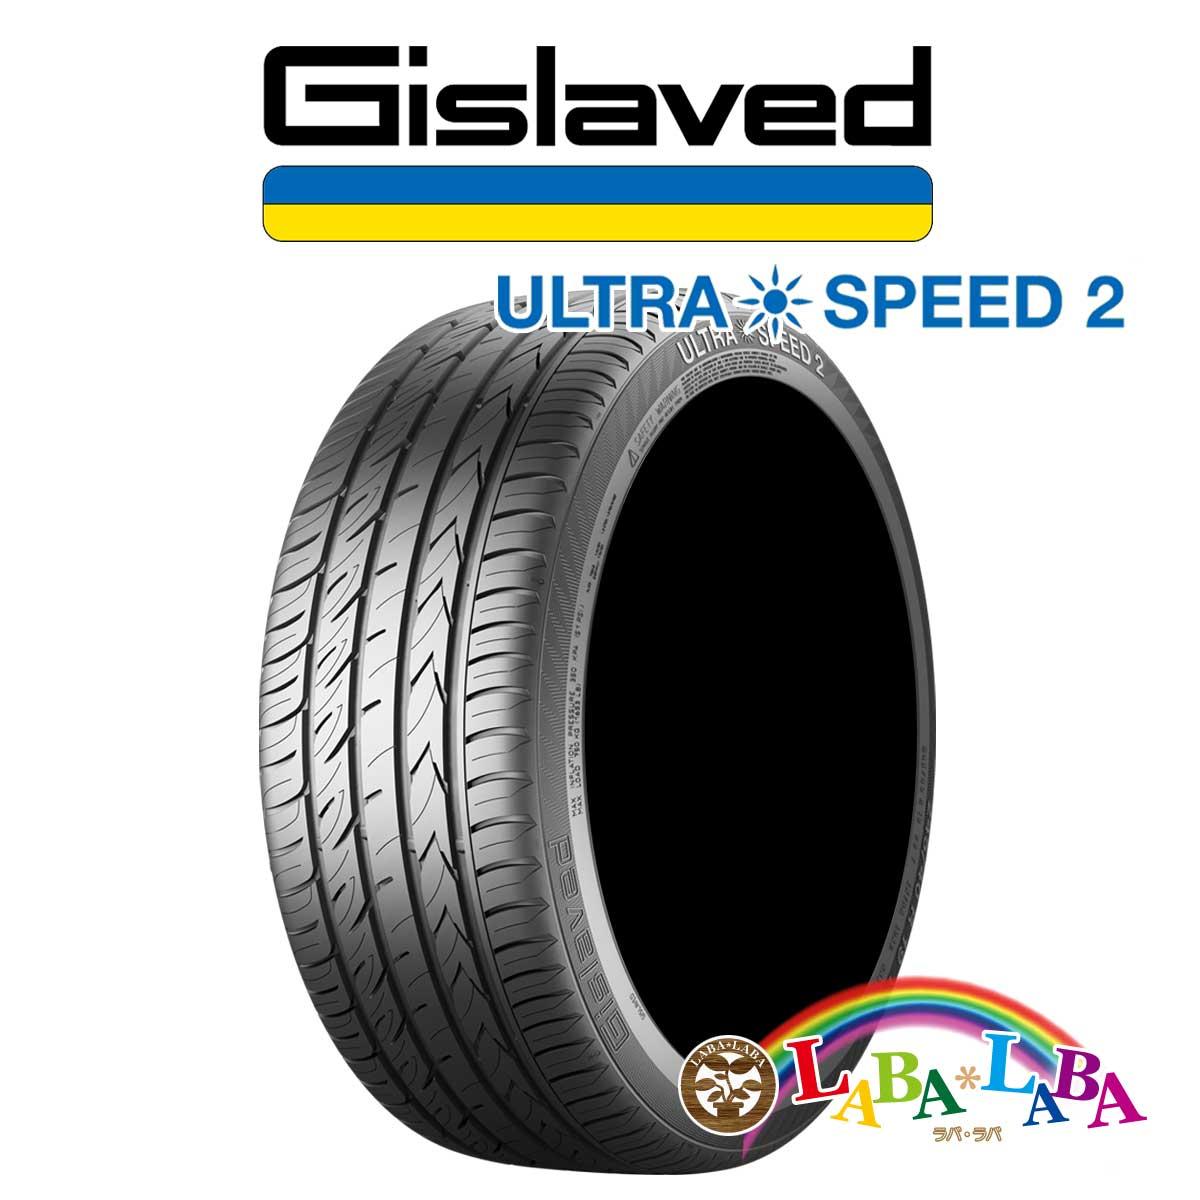 送料無料 輸入タイヤ サマータイヤ 新品 4本SET GISLAVED ギスラベッド ULTRA 正規認証品 新規格 205 4本セット 18%OFF 55R16 91V SPEED2